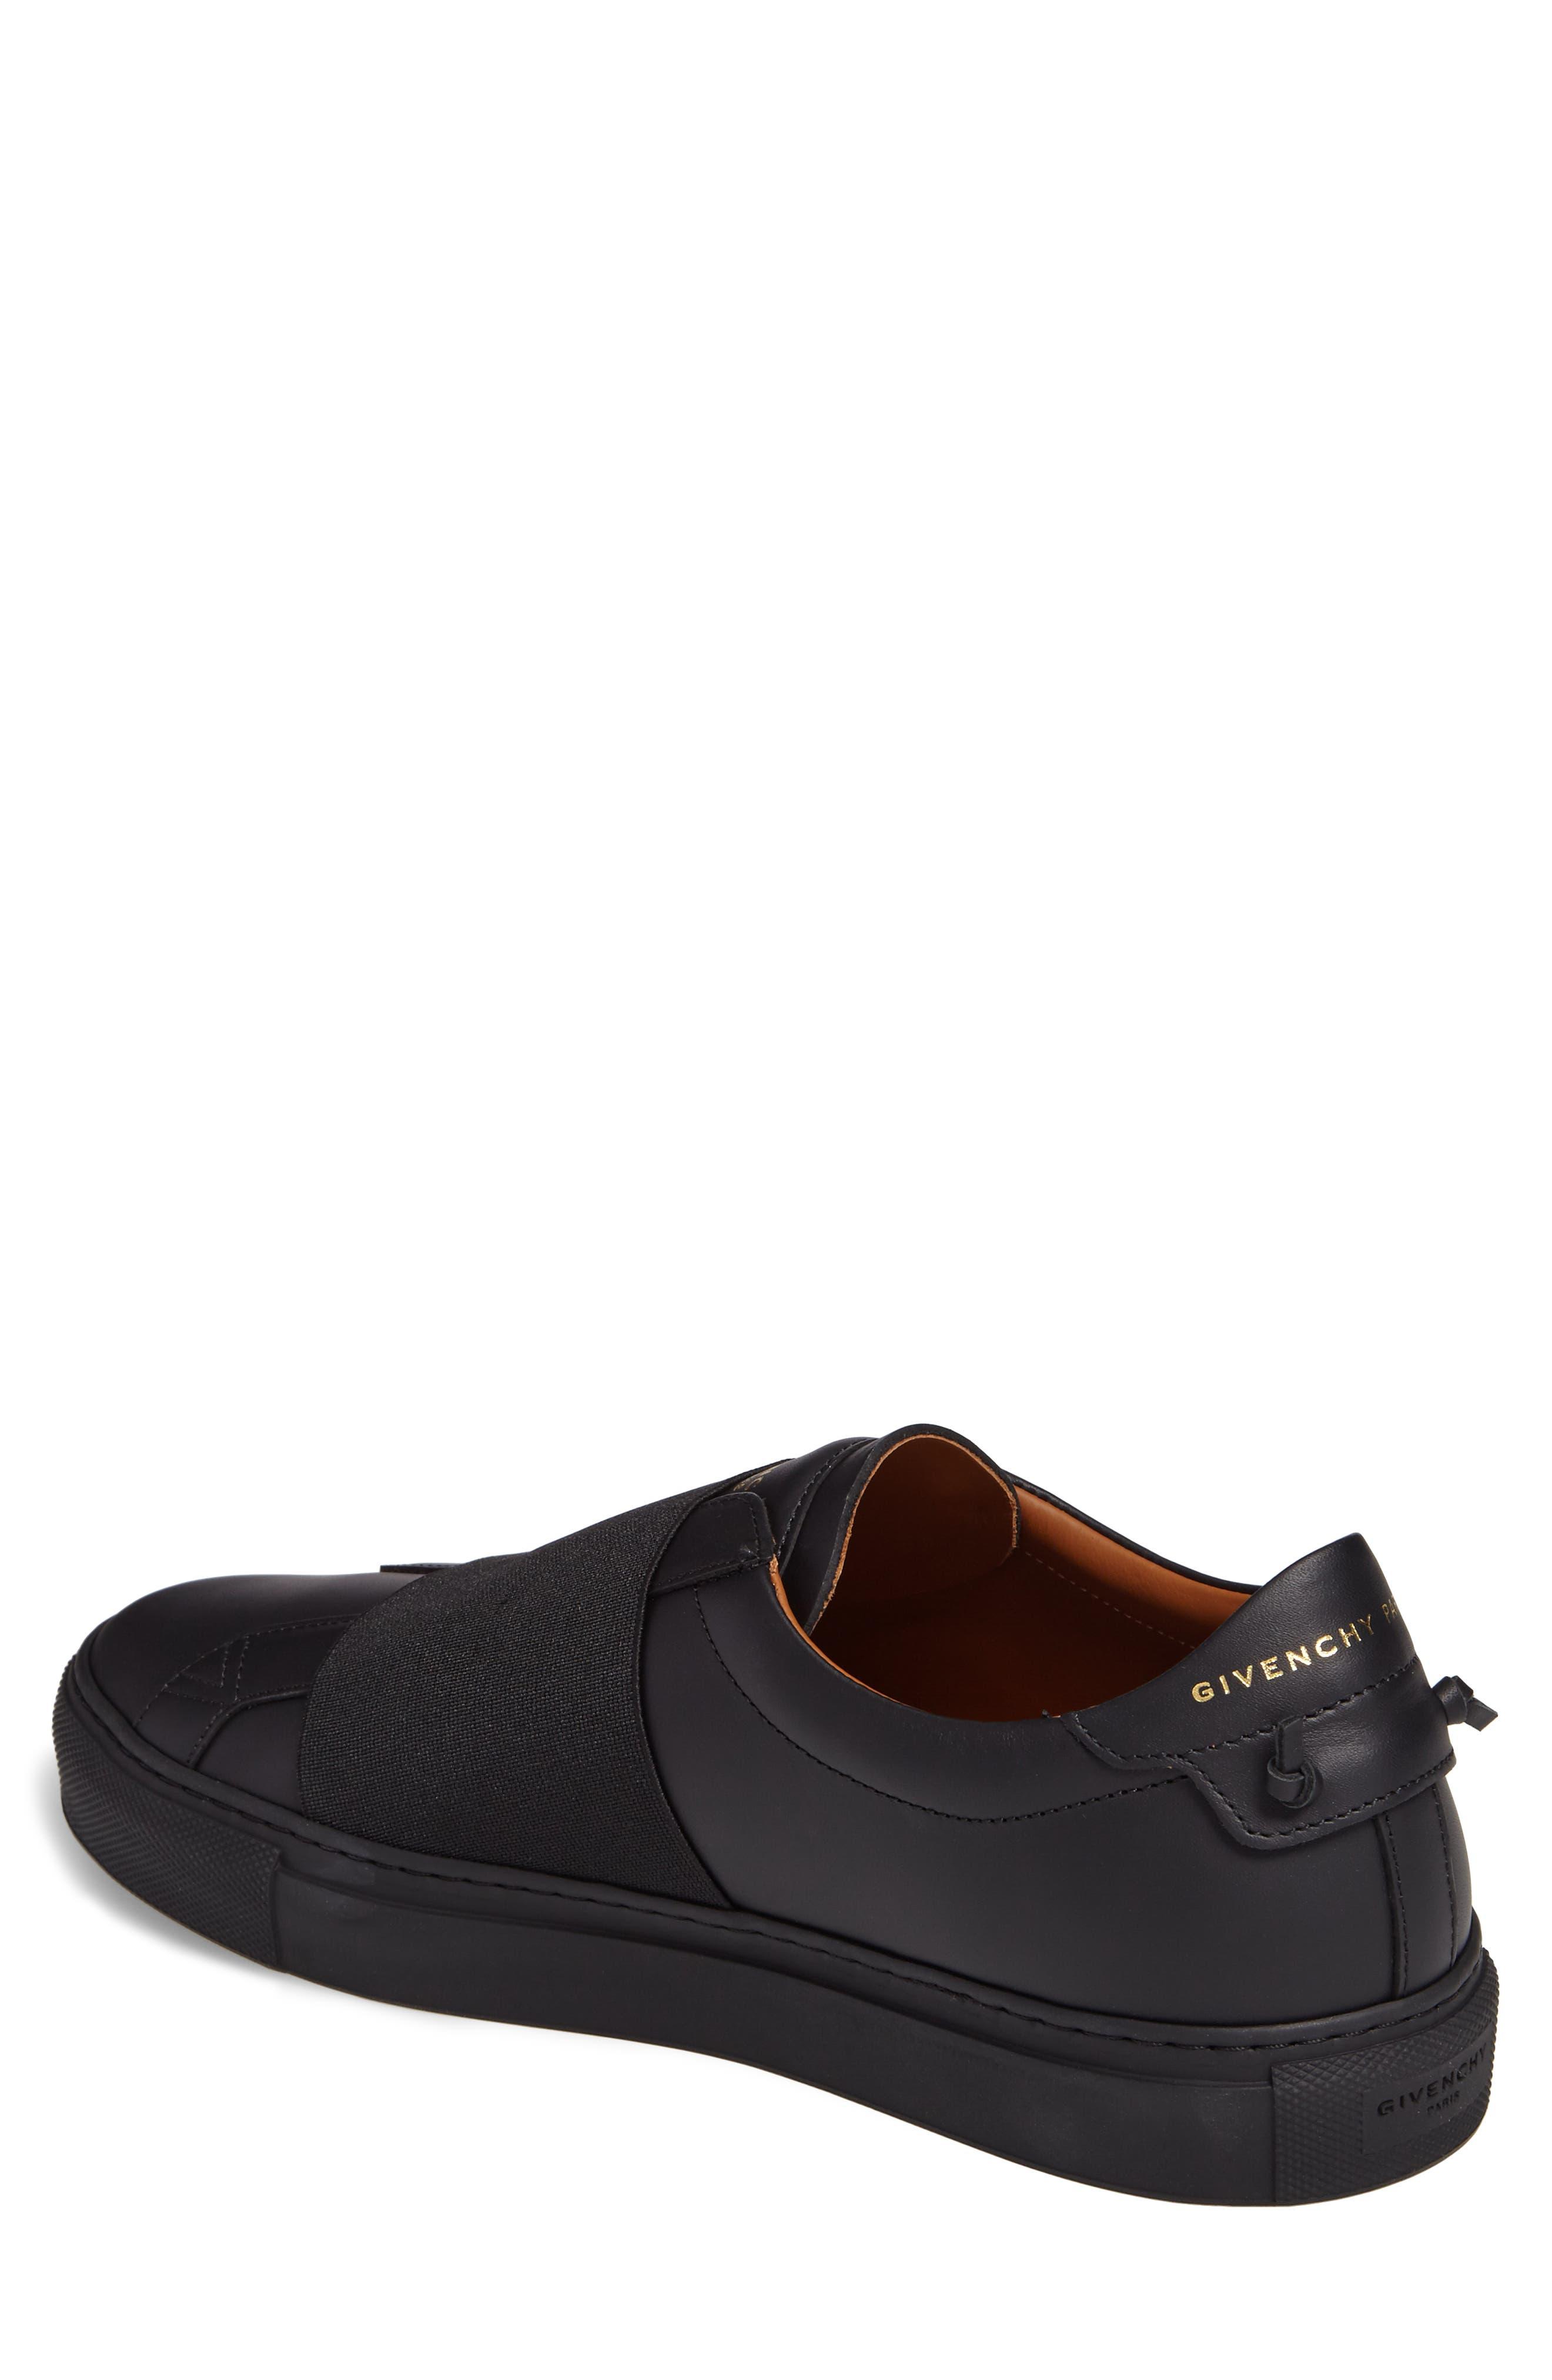 Alternate Image 2  - Givenchy Slip-On Sneaker (Men)